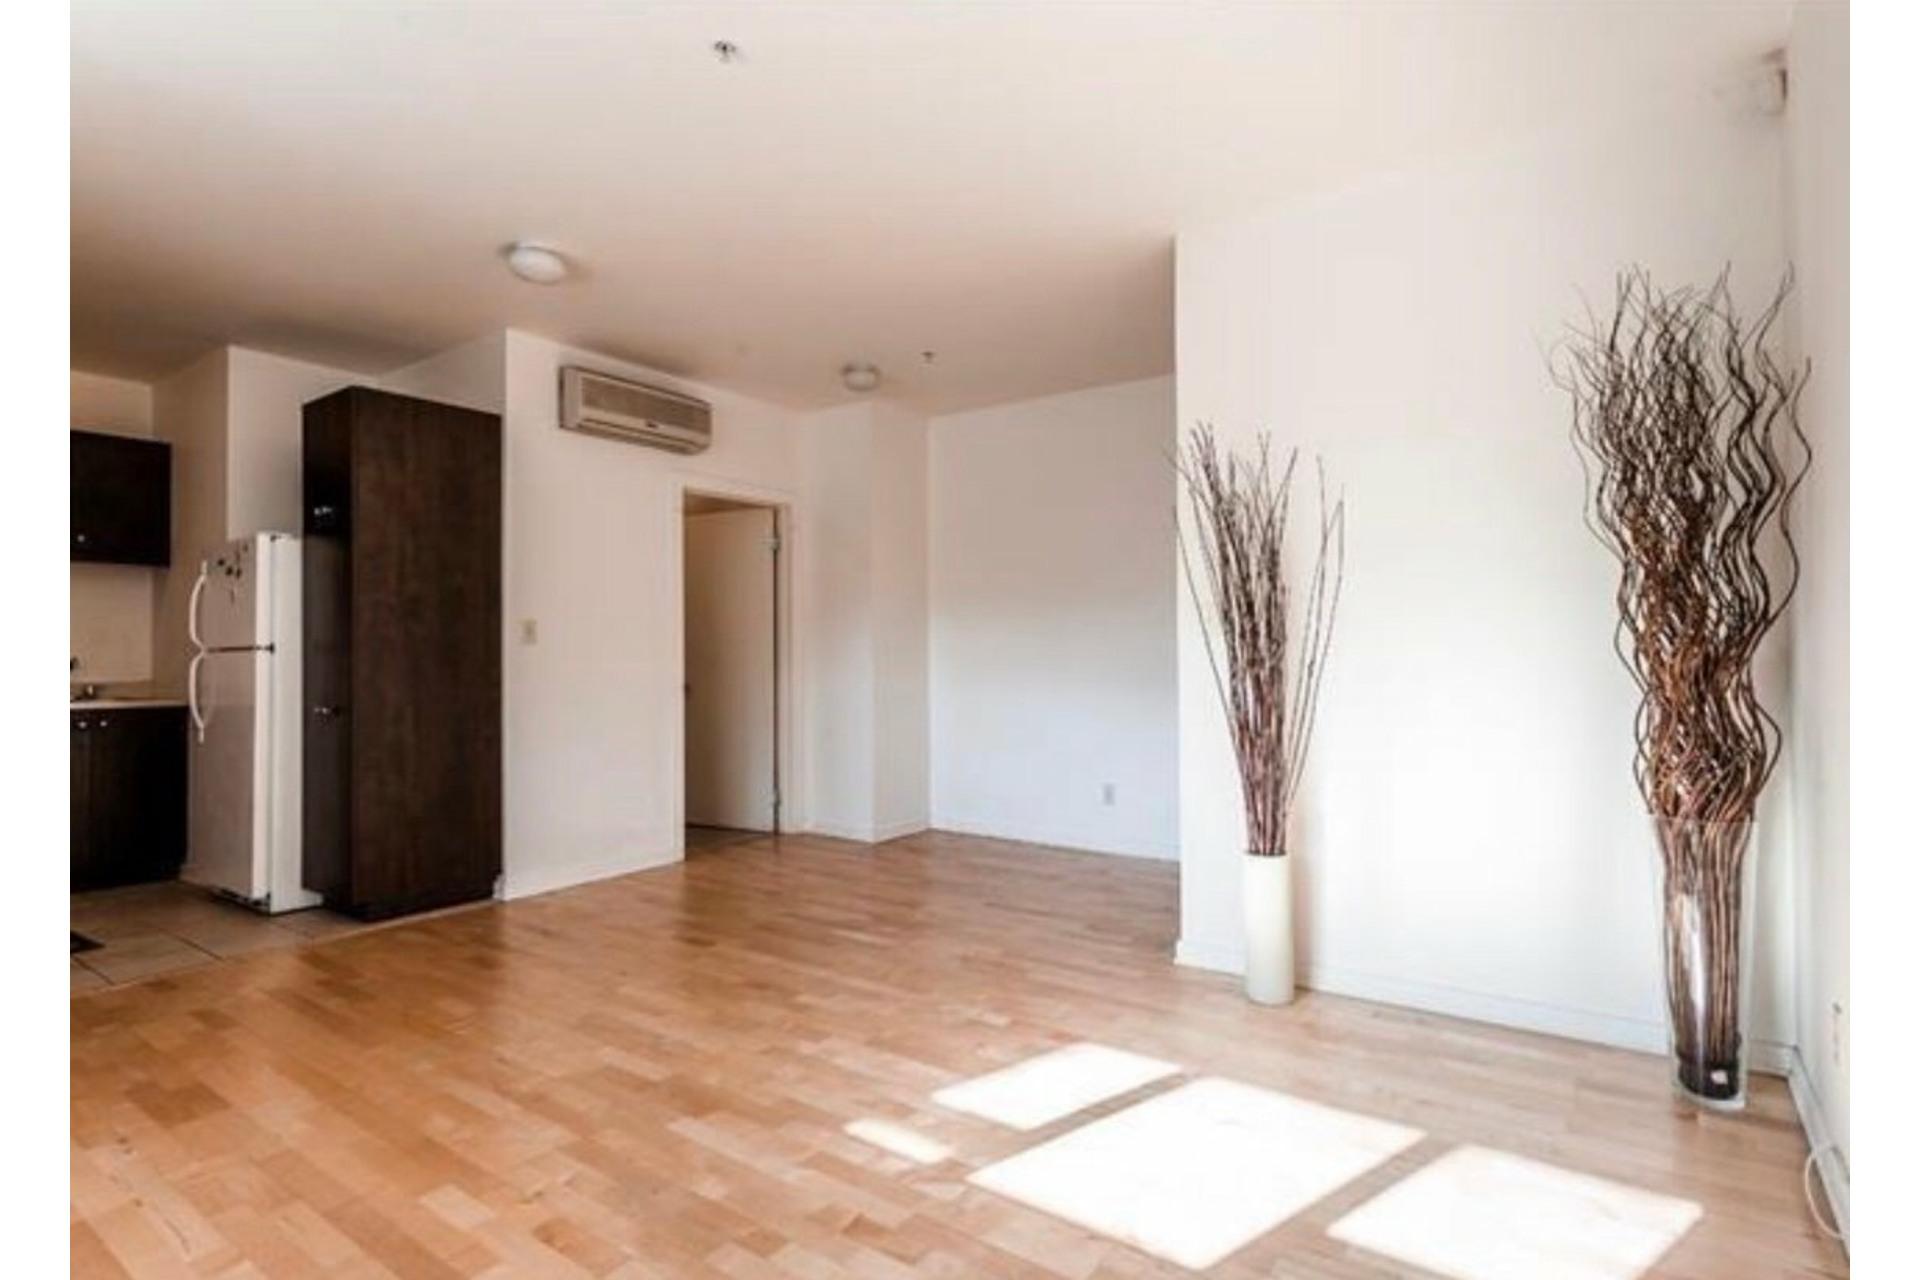 image 4 - Apartment For sale Côte-des-Neiges/Notre-Dame-de-Grâce Montréal  - 6 rooms